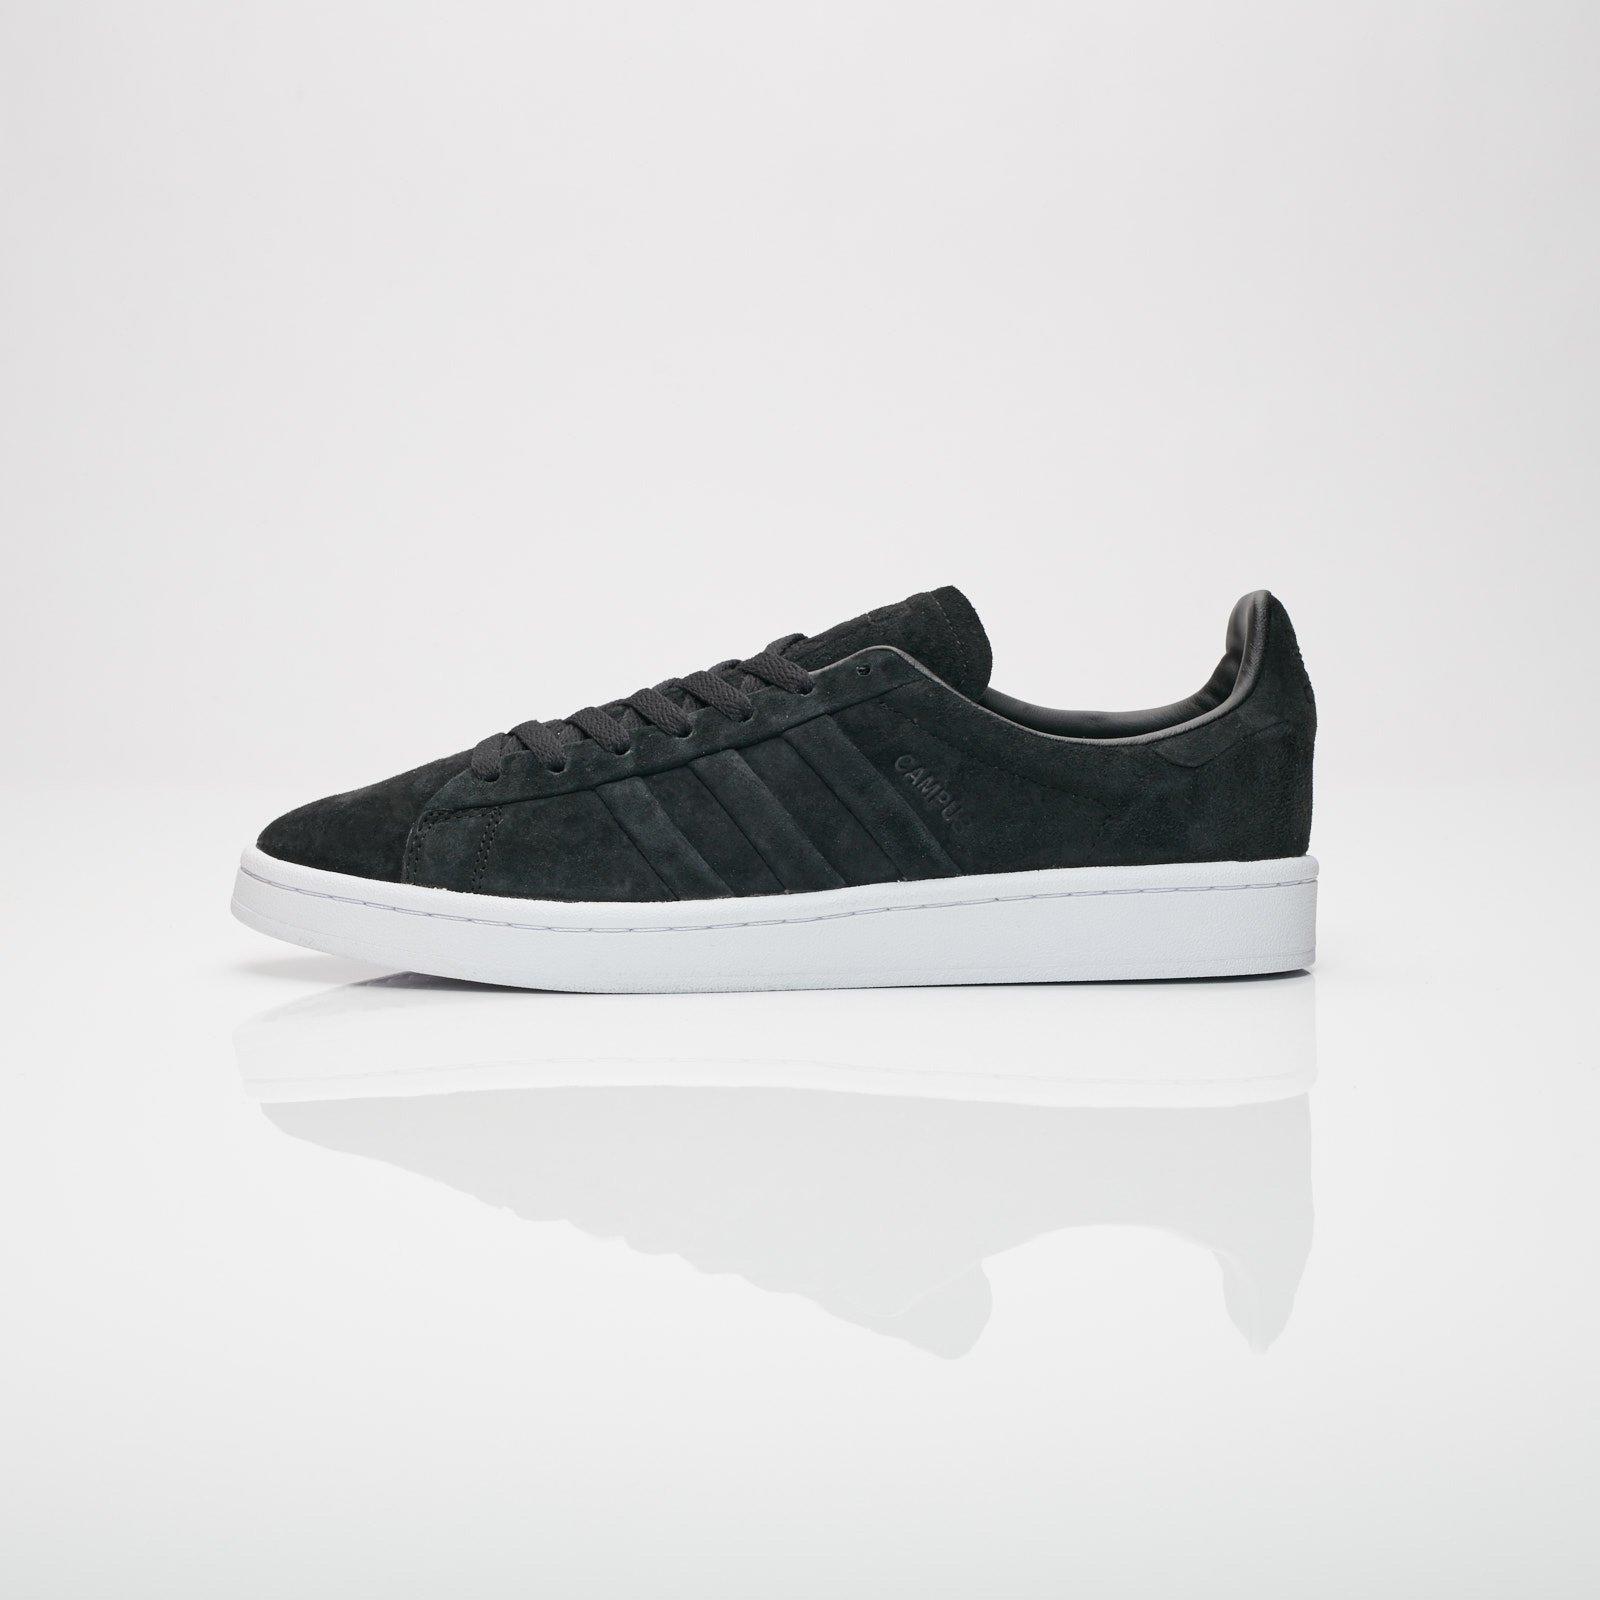 23151ec9bdf4 adidas Campus Stitch And Turn - Bb6745 - Sneakersnstuff